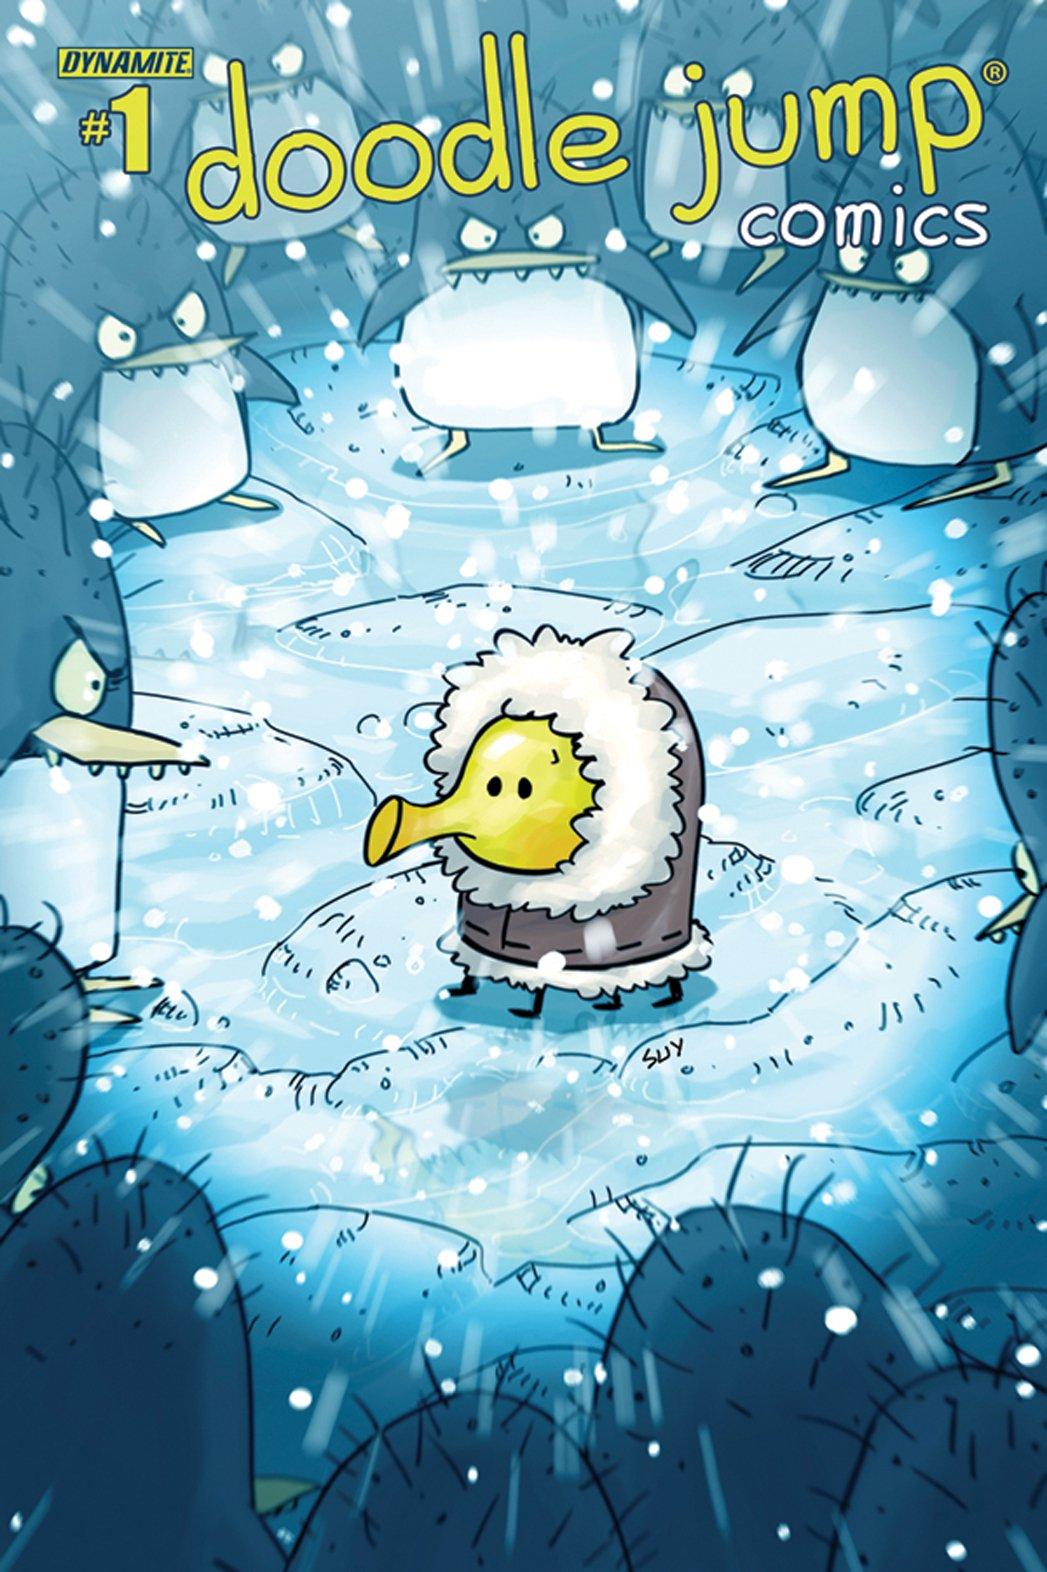 Dynamite lancia Doodle Jump Comics, fumetto basato sul mobile game